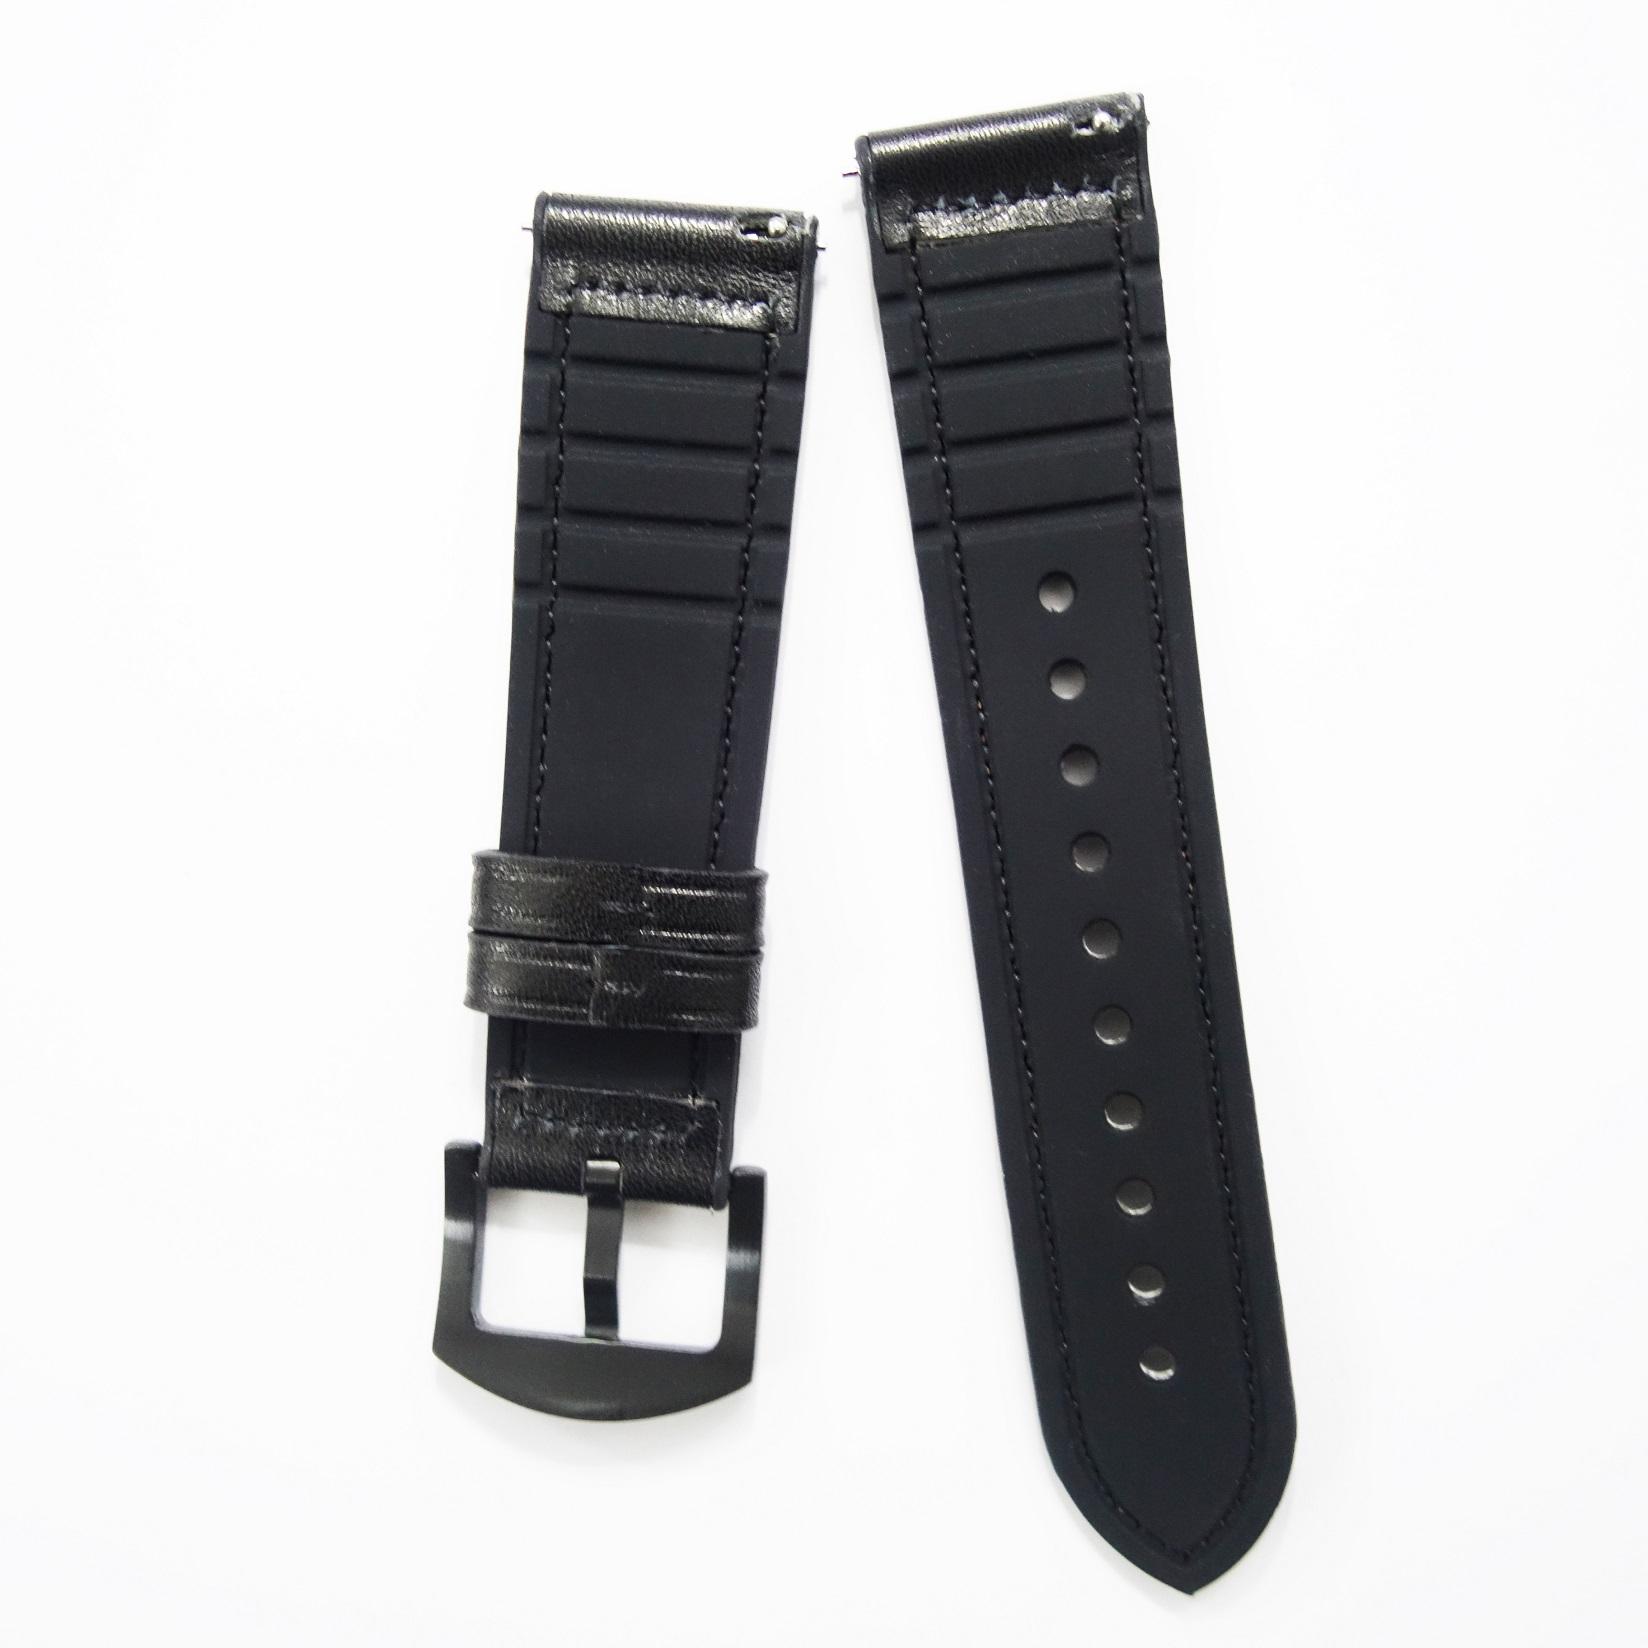 Dây da Hybird Size 22 cho Gear S3, Galaxy Watch Degign Đen